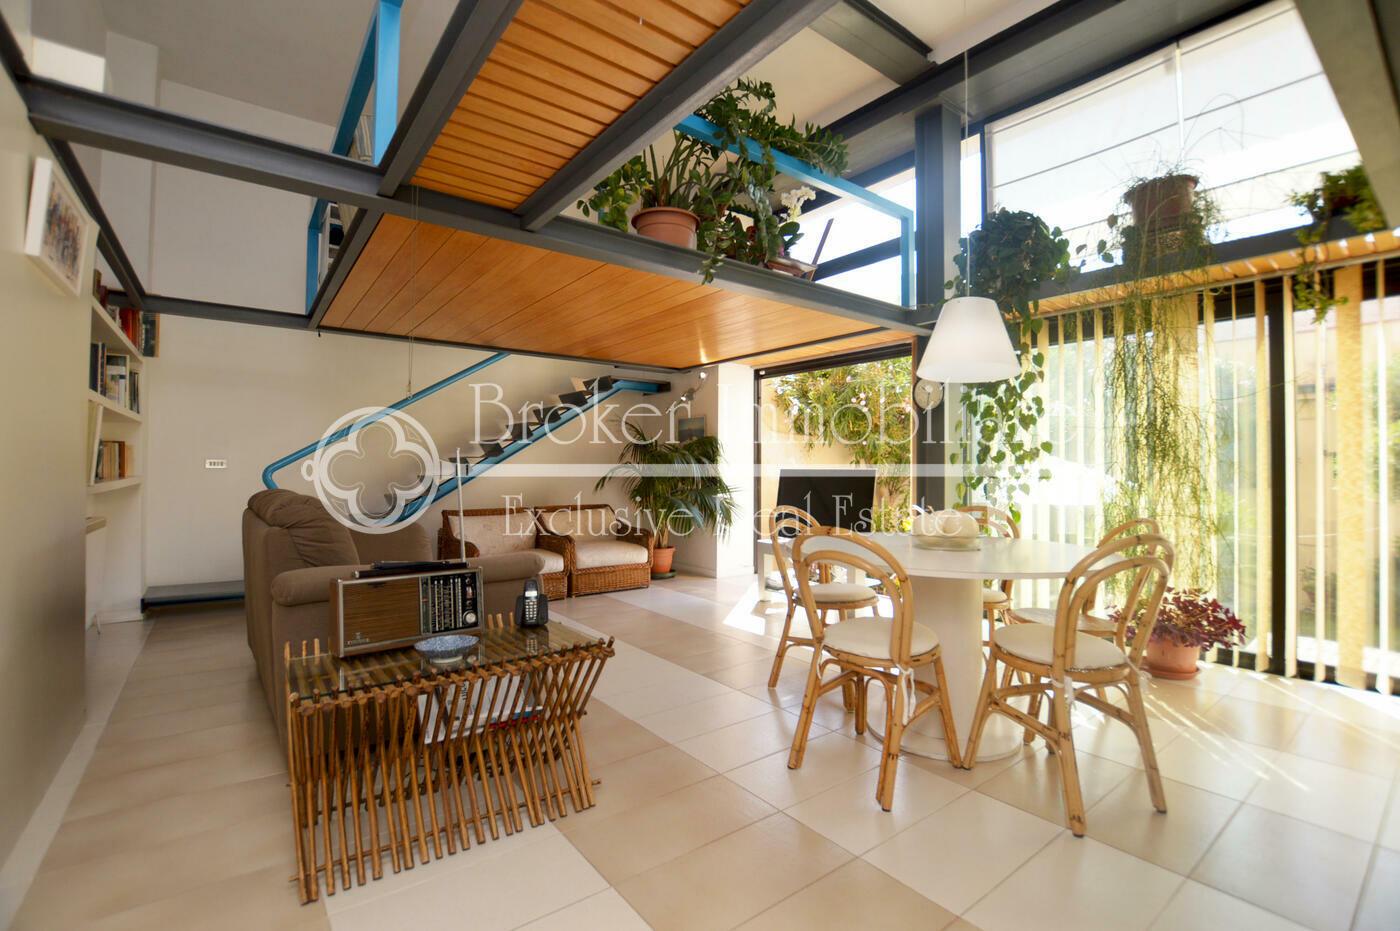 Appartamento in vendita a Viareggio con giardino e depandance a 50 metri dal mare